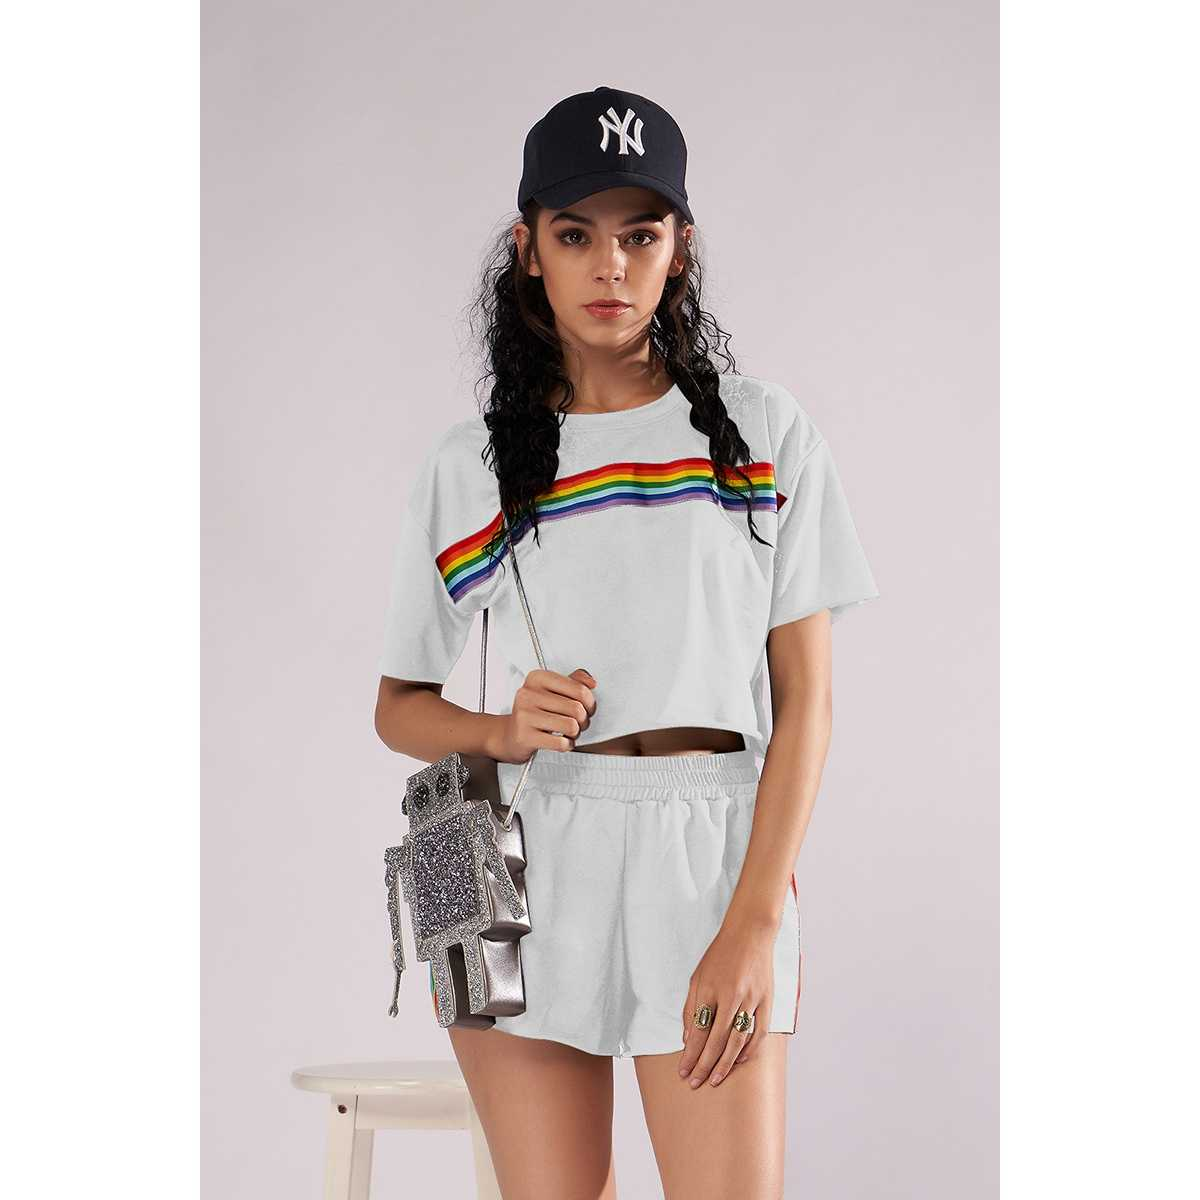 d89131df395 Летние женские в радужную полоску короткий костюм короткие-Футболка с  рукавами шорты из двух частей